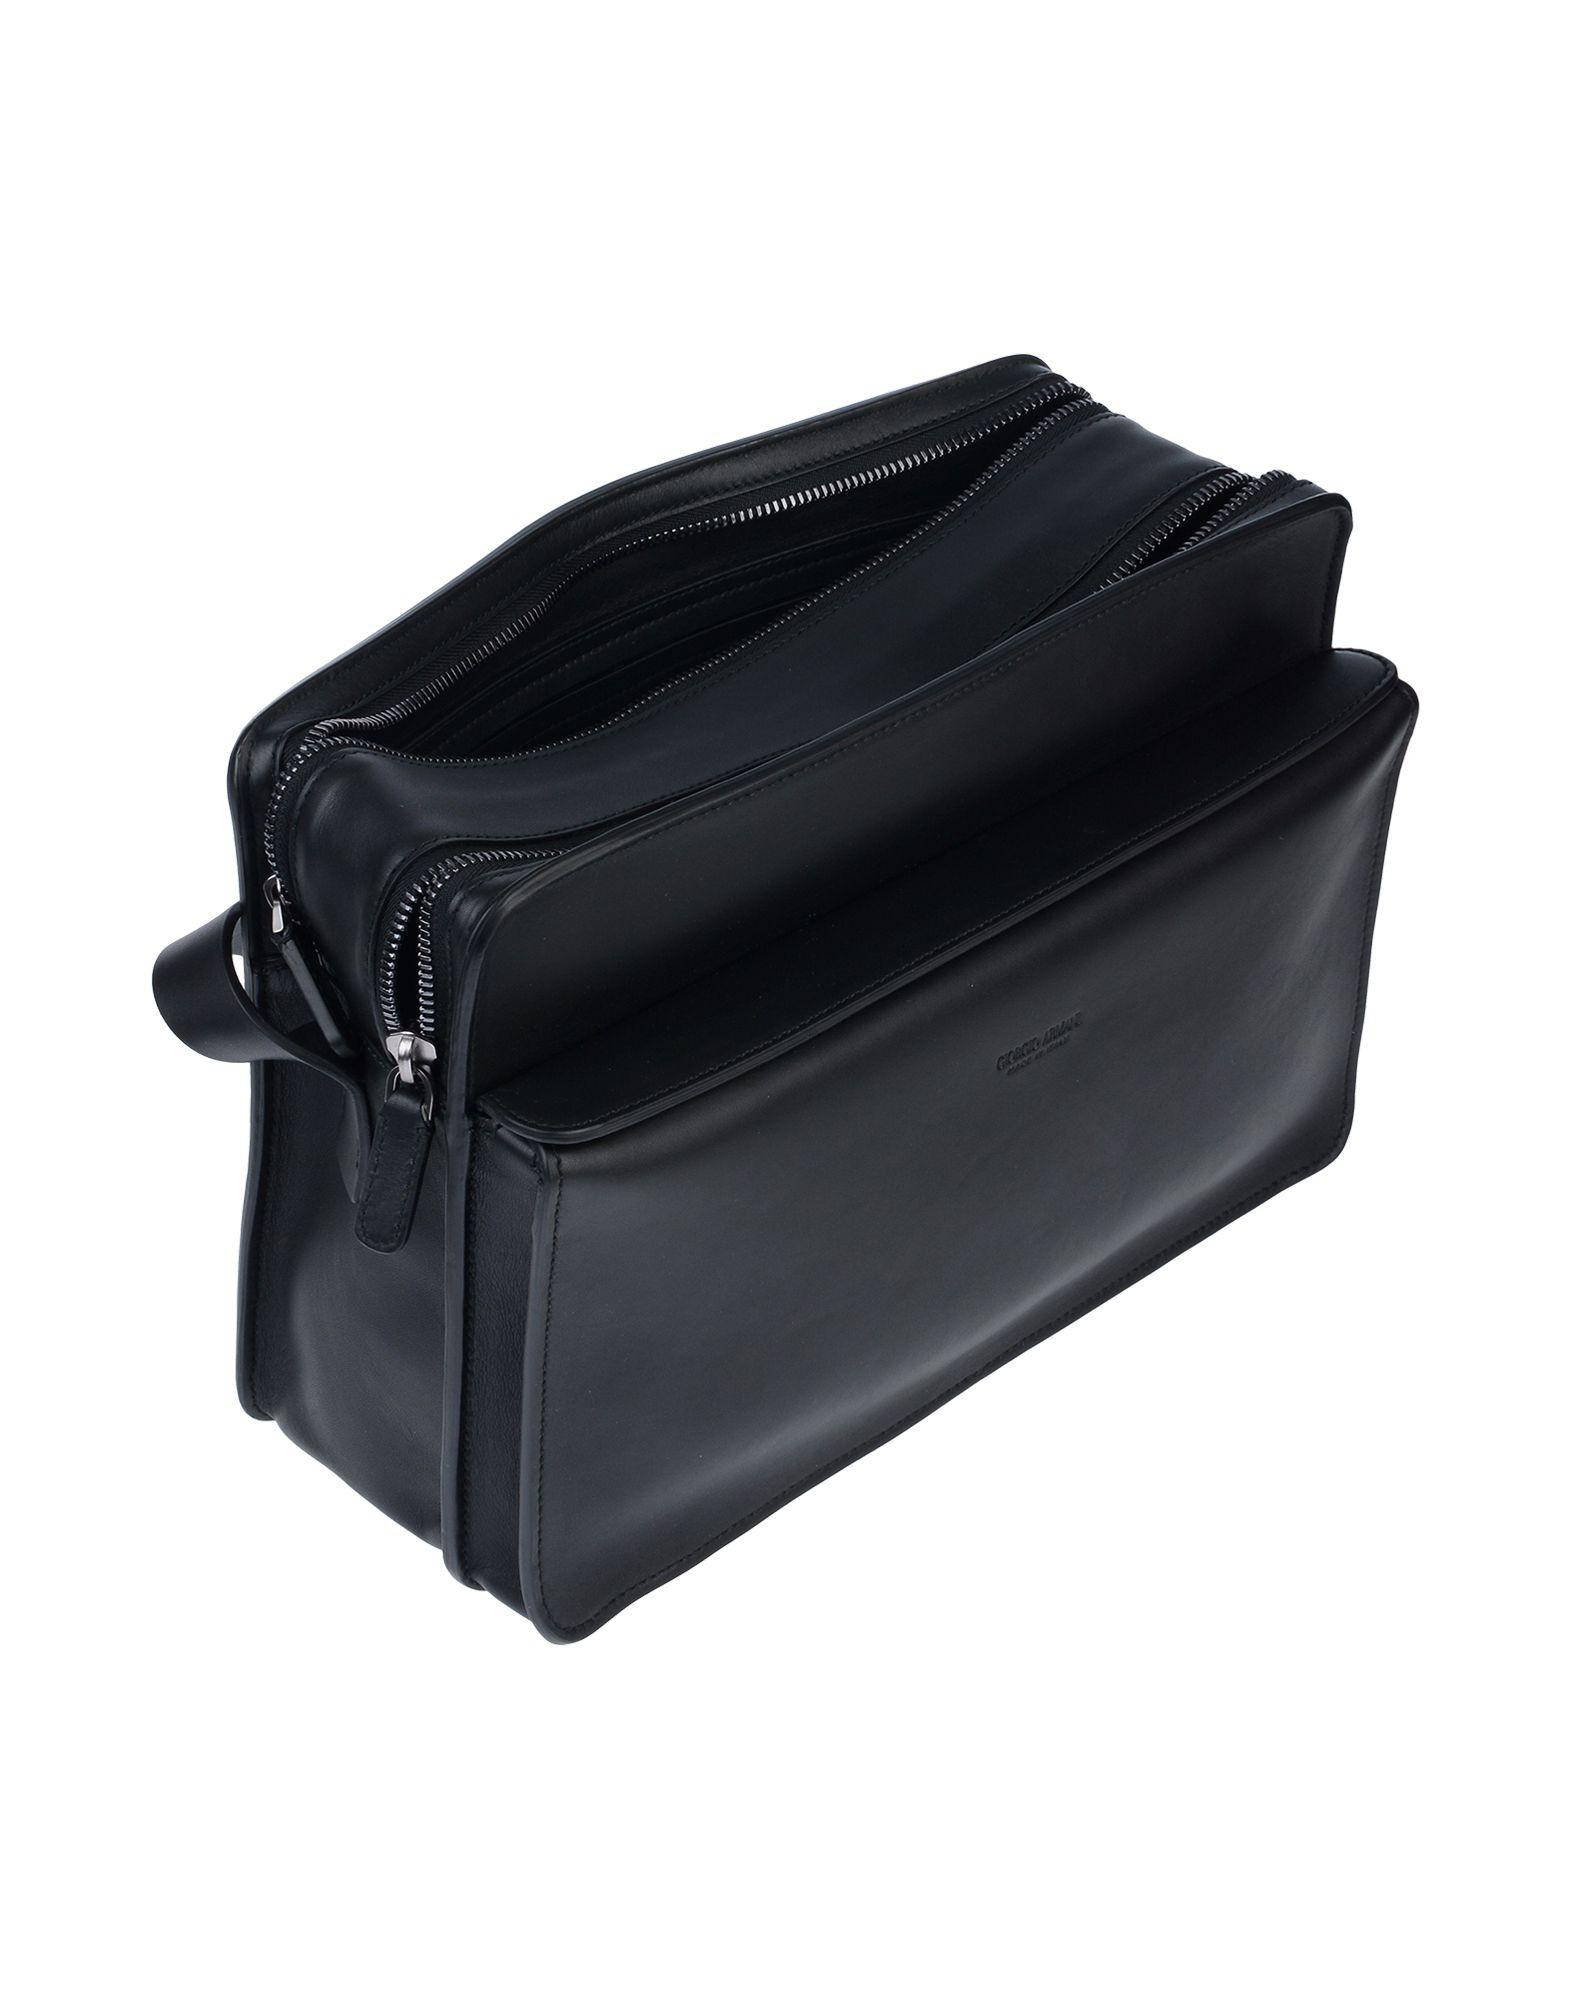 Lyst - Giorgio Armani Cross-body Bag in Black for Men 5367c777da